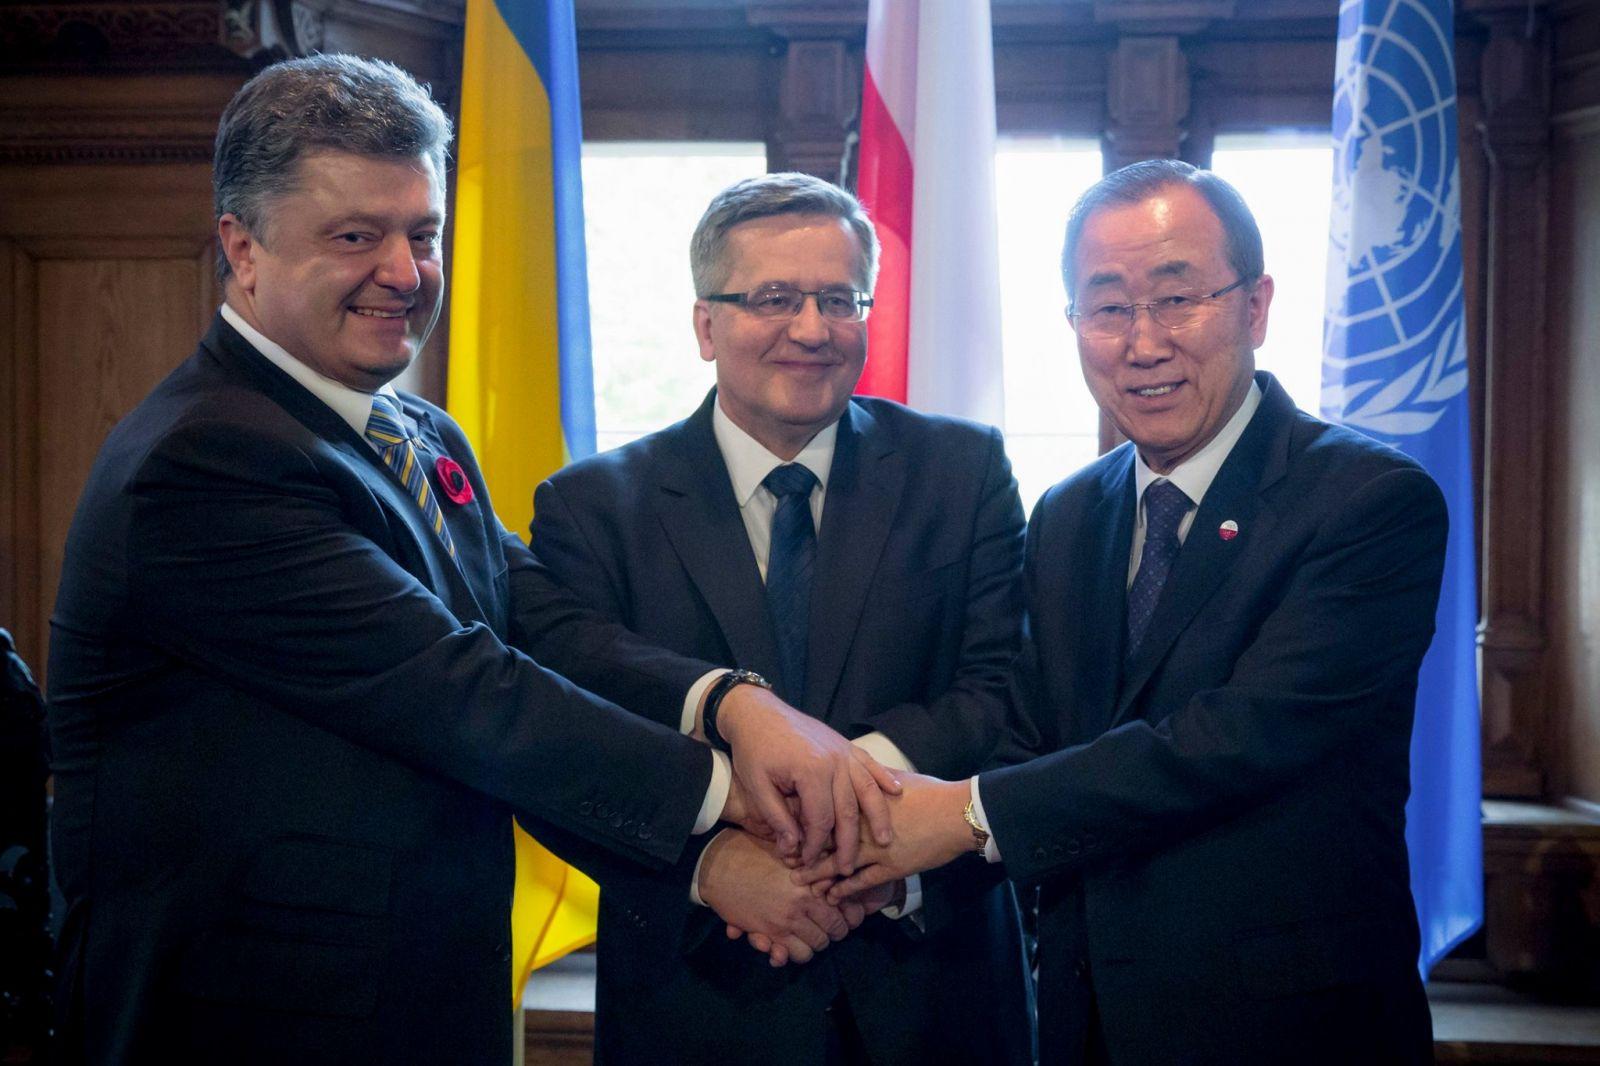 Президент Украины находится в Польше с официальным визитом по случаю 70-й годовщины победы над нацизмом. Фото Facebook / Петр Порошенко